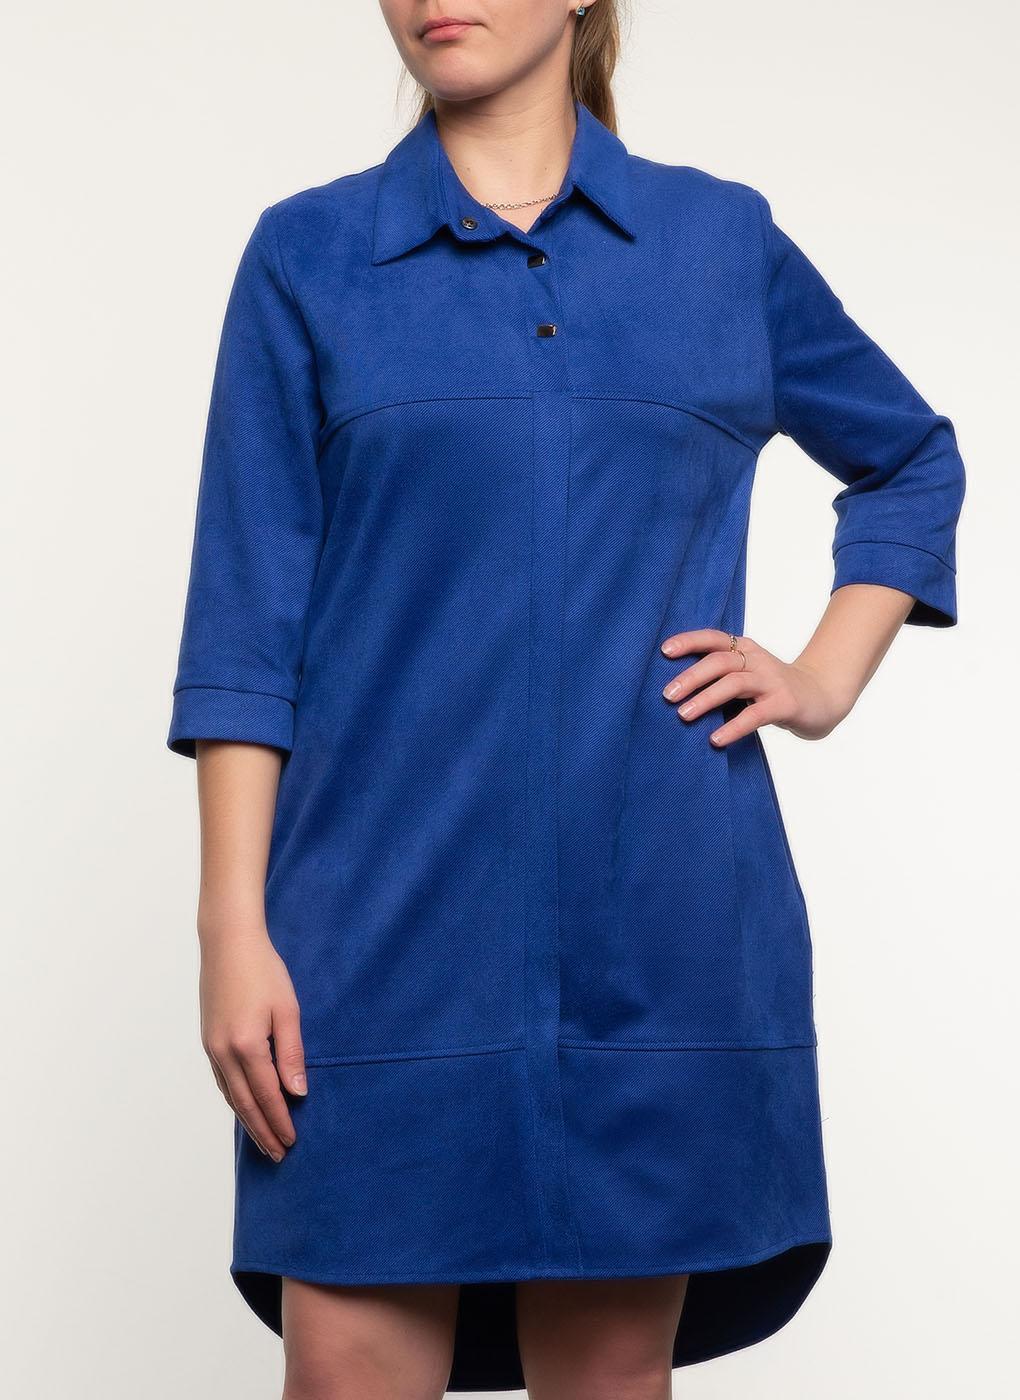 Платье 01, Buona sceltta фото